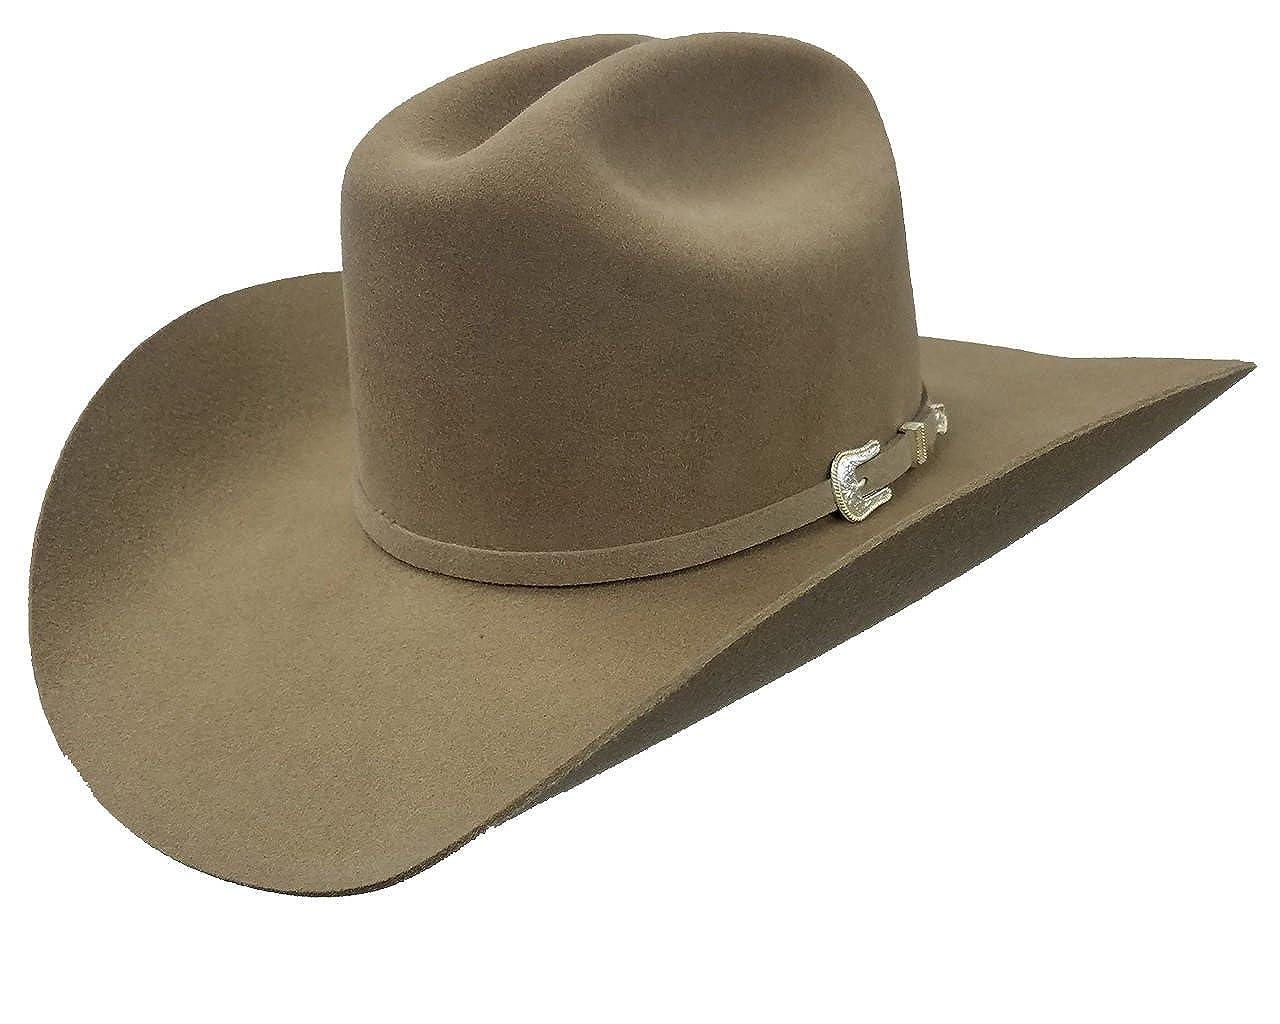 32a01fcfbfcfb Stetson Men s 3X Oakridge Wool Cowboy Hat - Swoakr-724007 Black at Amazon  Men s Clothing store